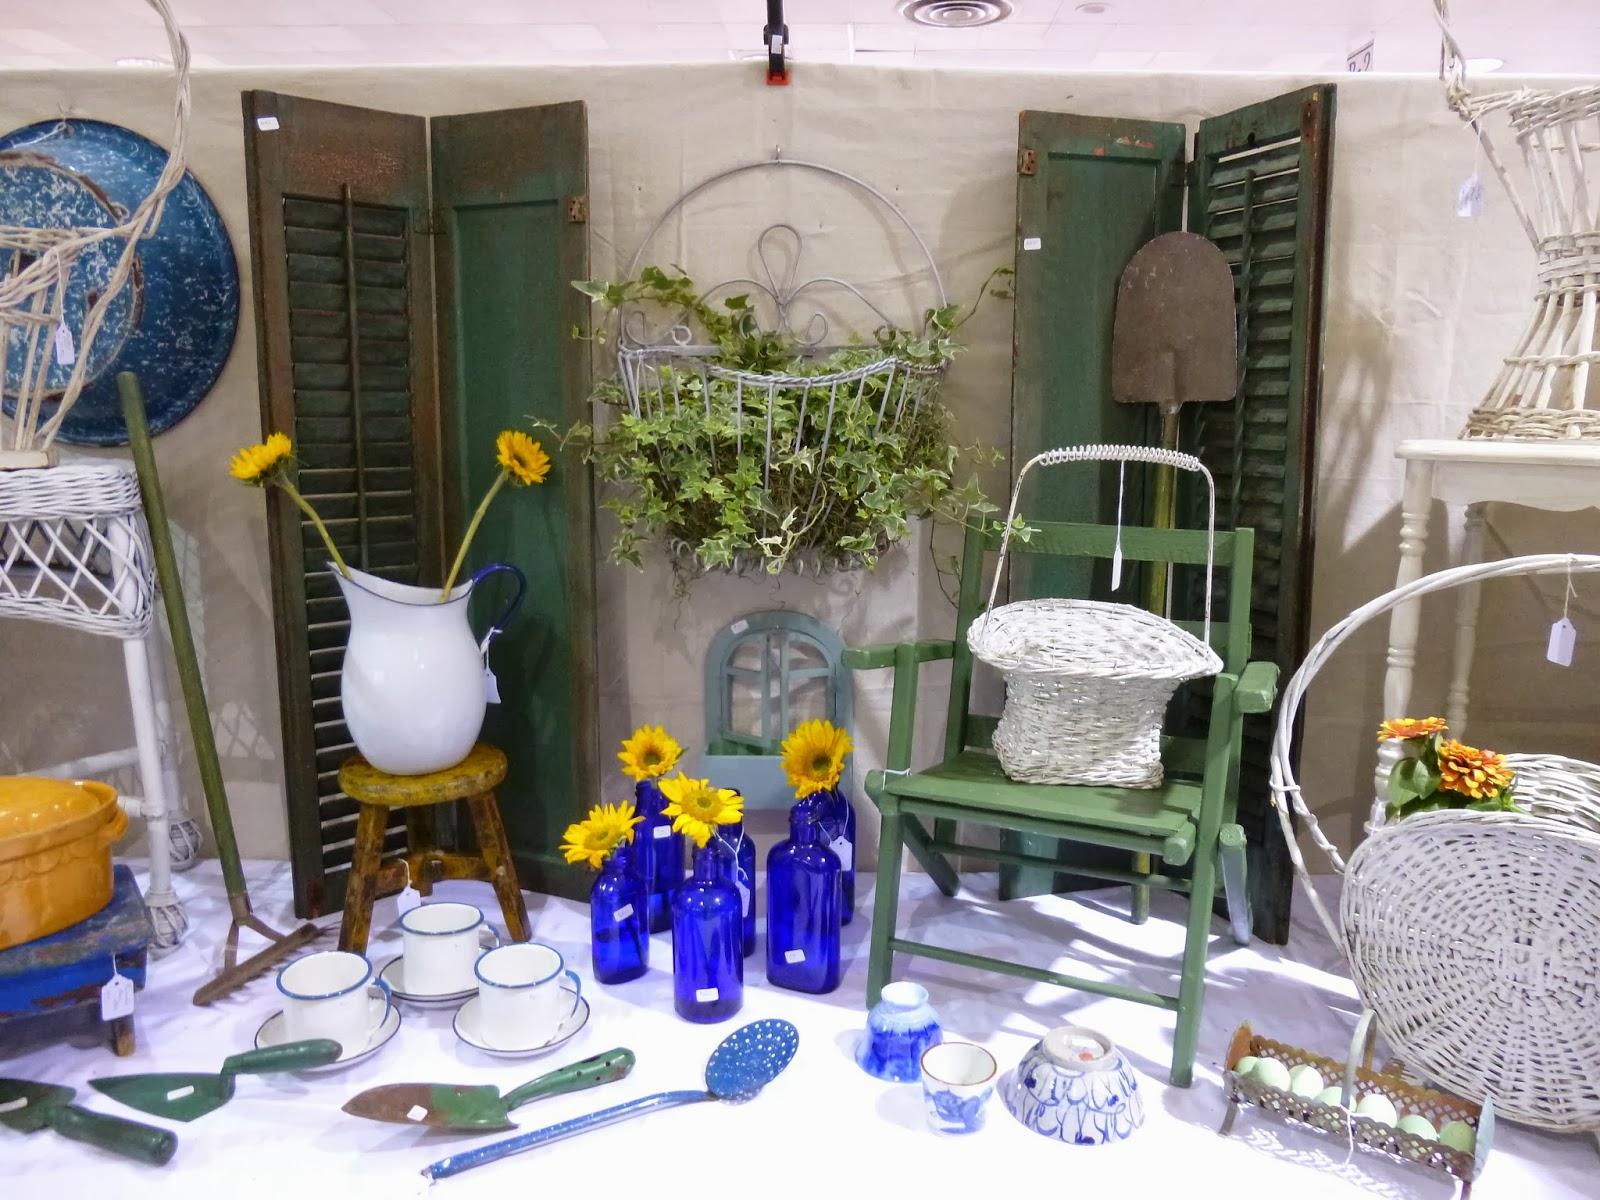 touche-mediterraneenne-accessoires-style_decor_provincial-francais_ameublement_quebec_canada